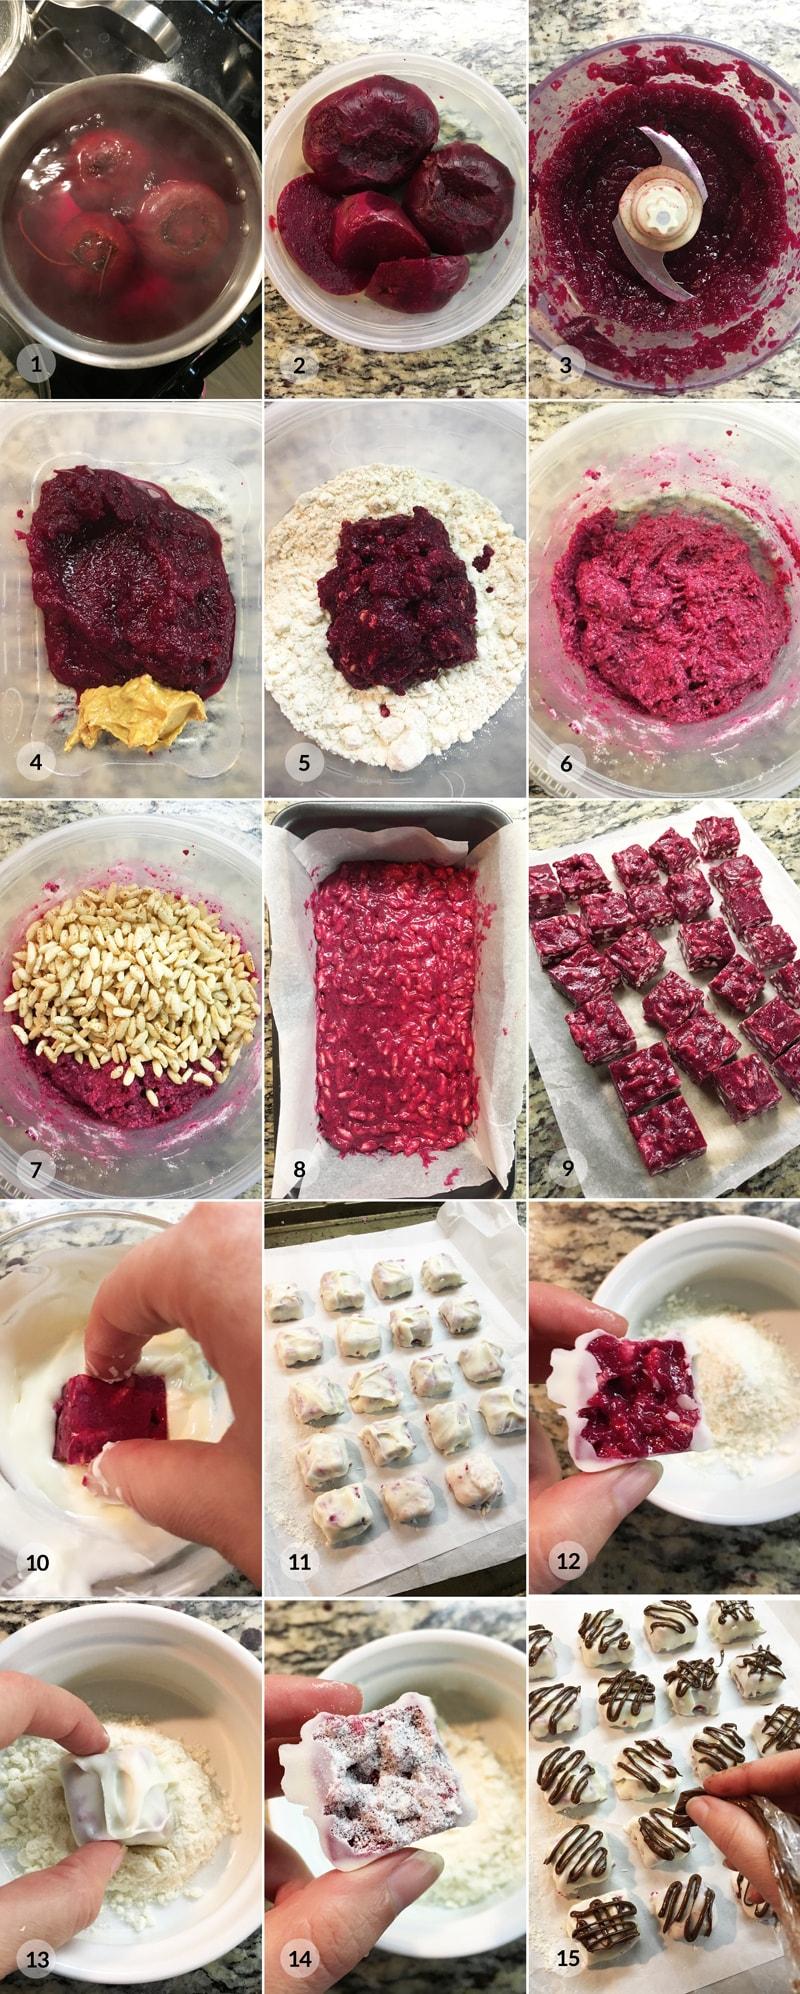 Proteinové pralinky z červené řepy - foto postup